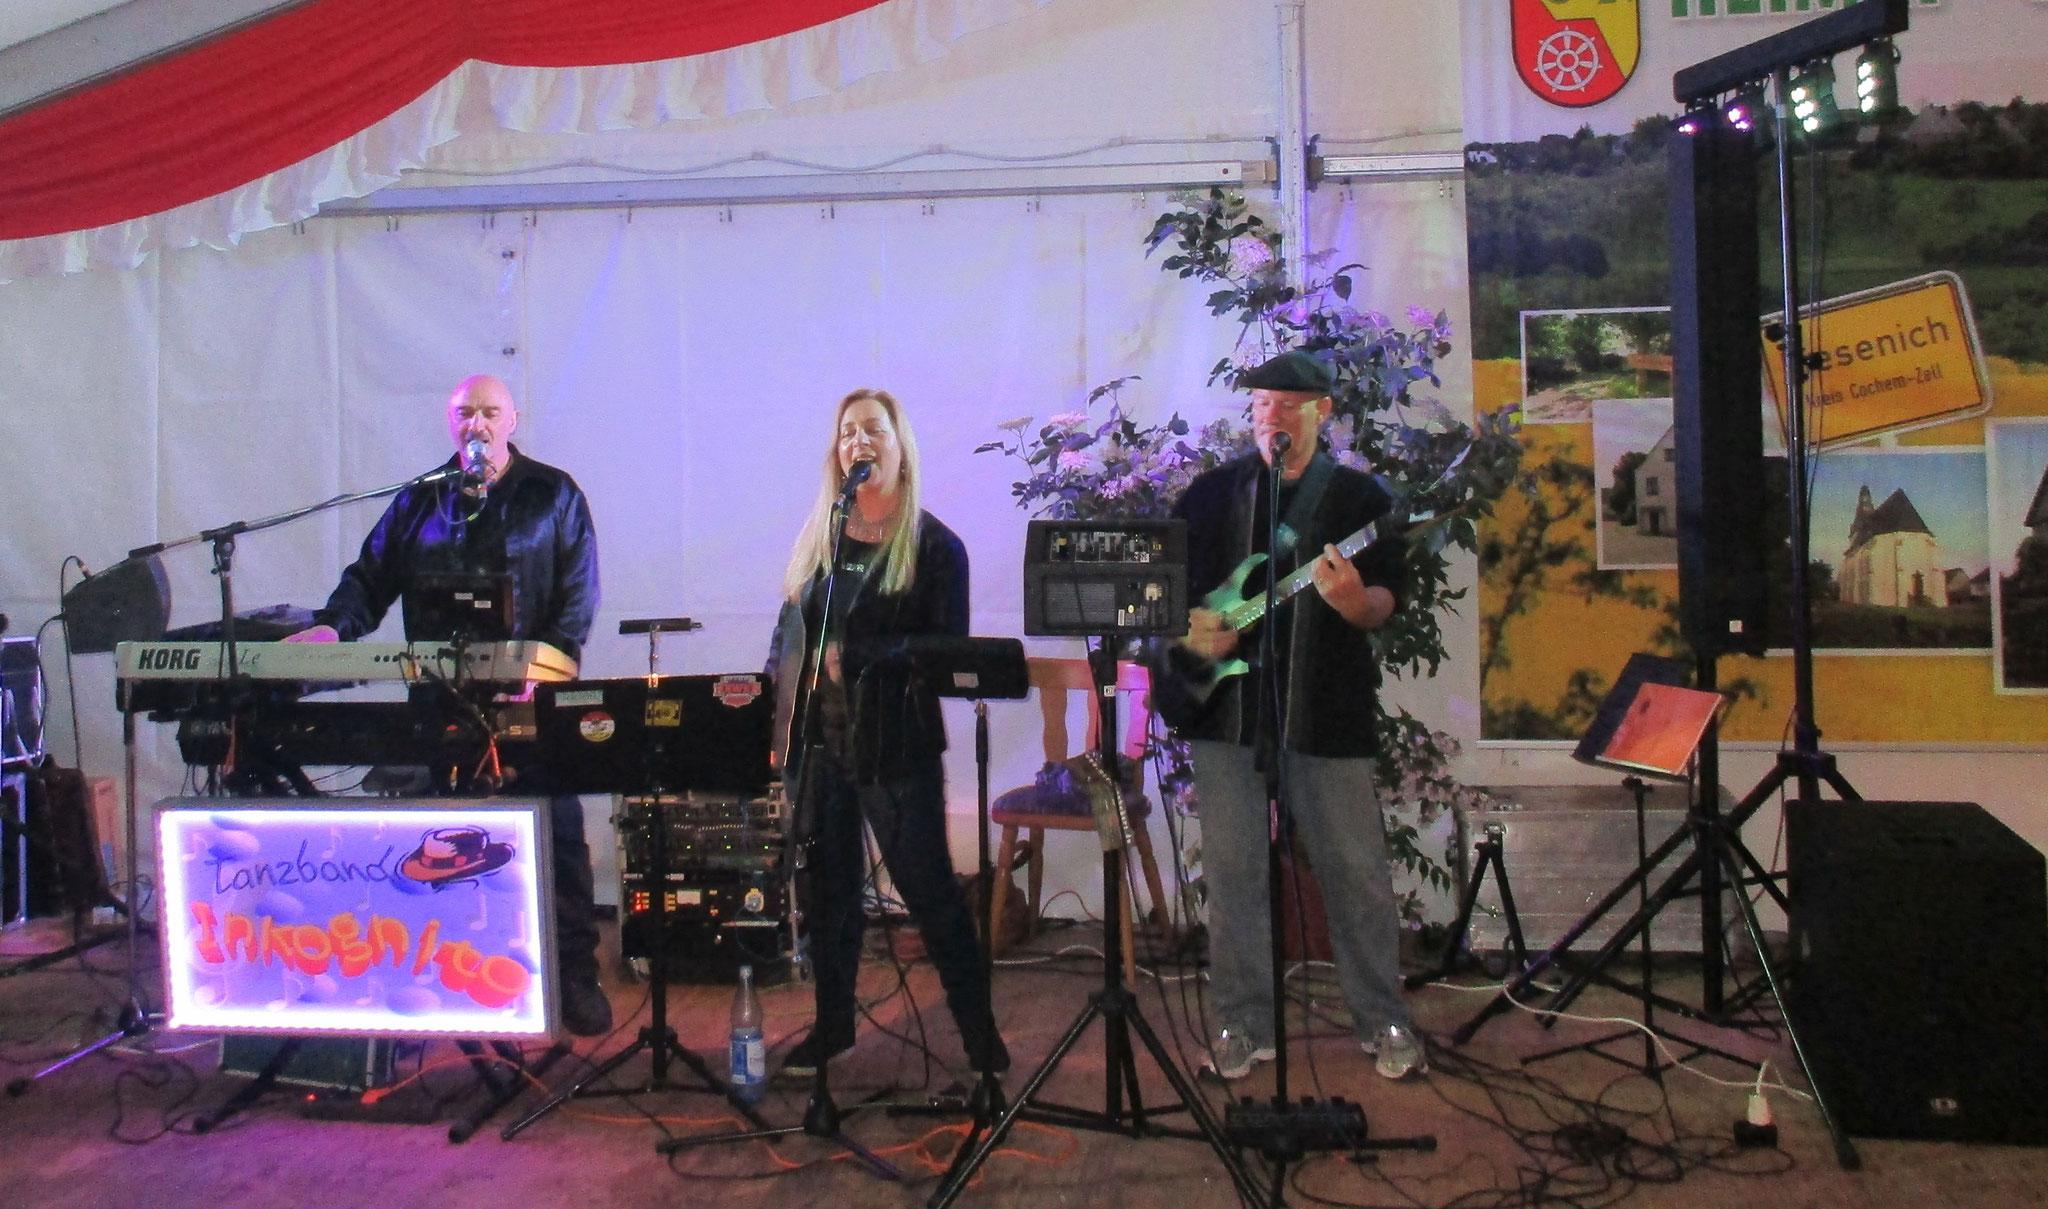 Kirmes in Liesenich 2016 - Gastauftritt von Wilk McKean aus Florida, USA